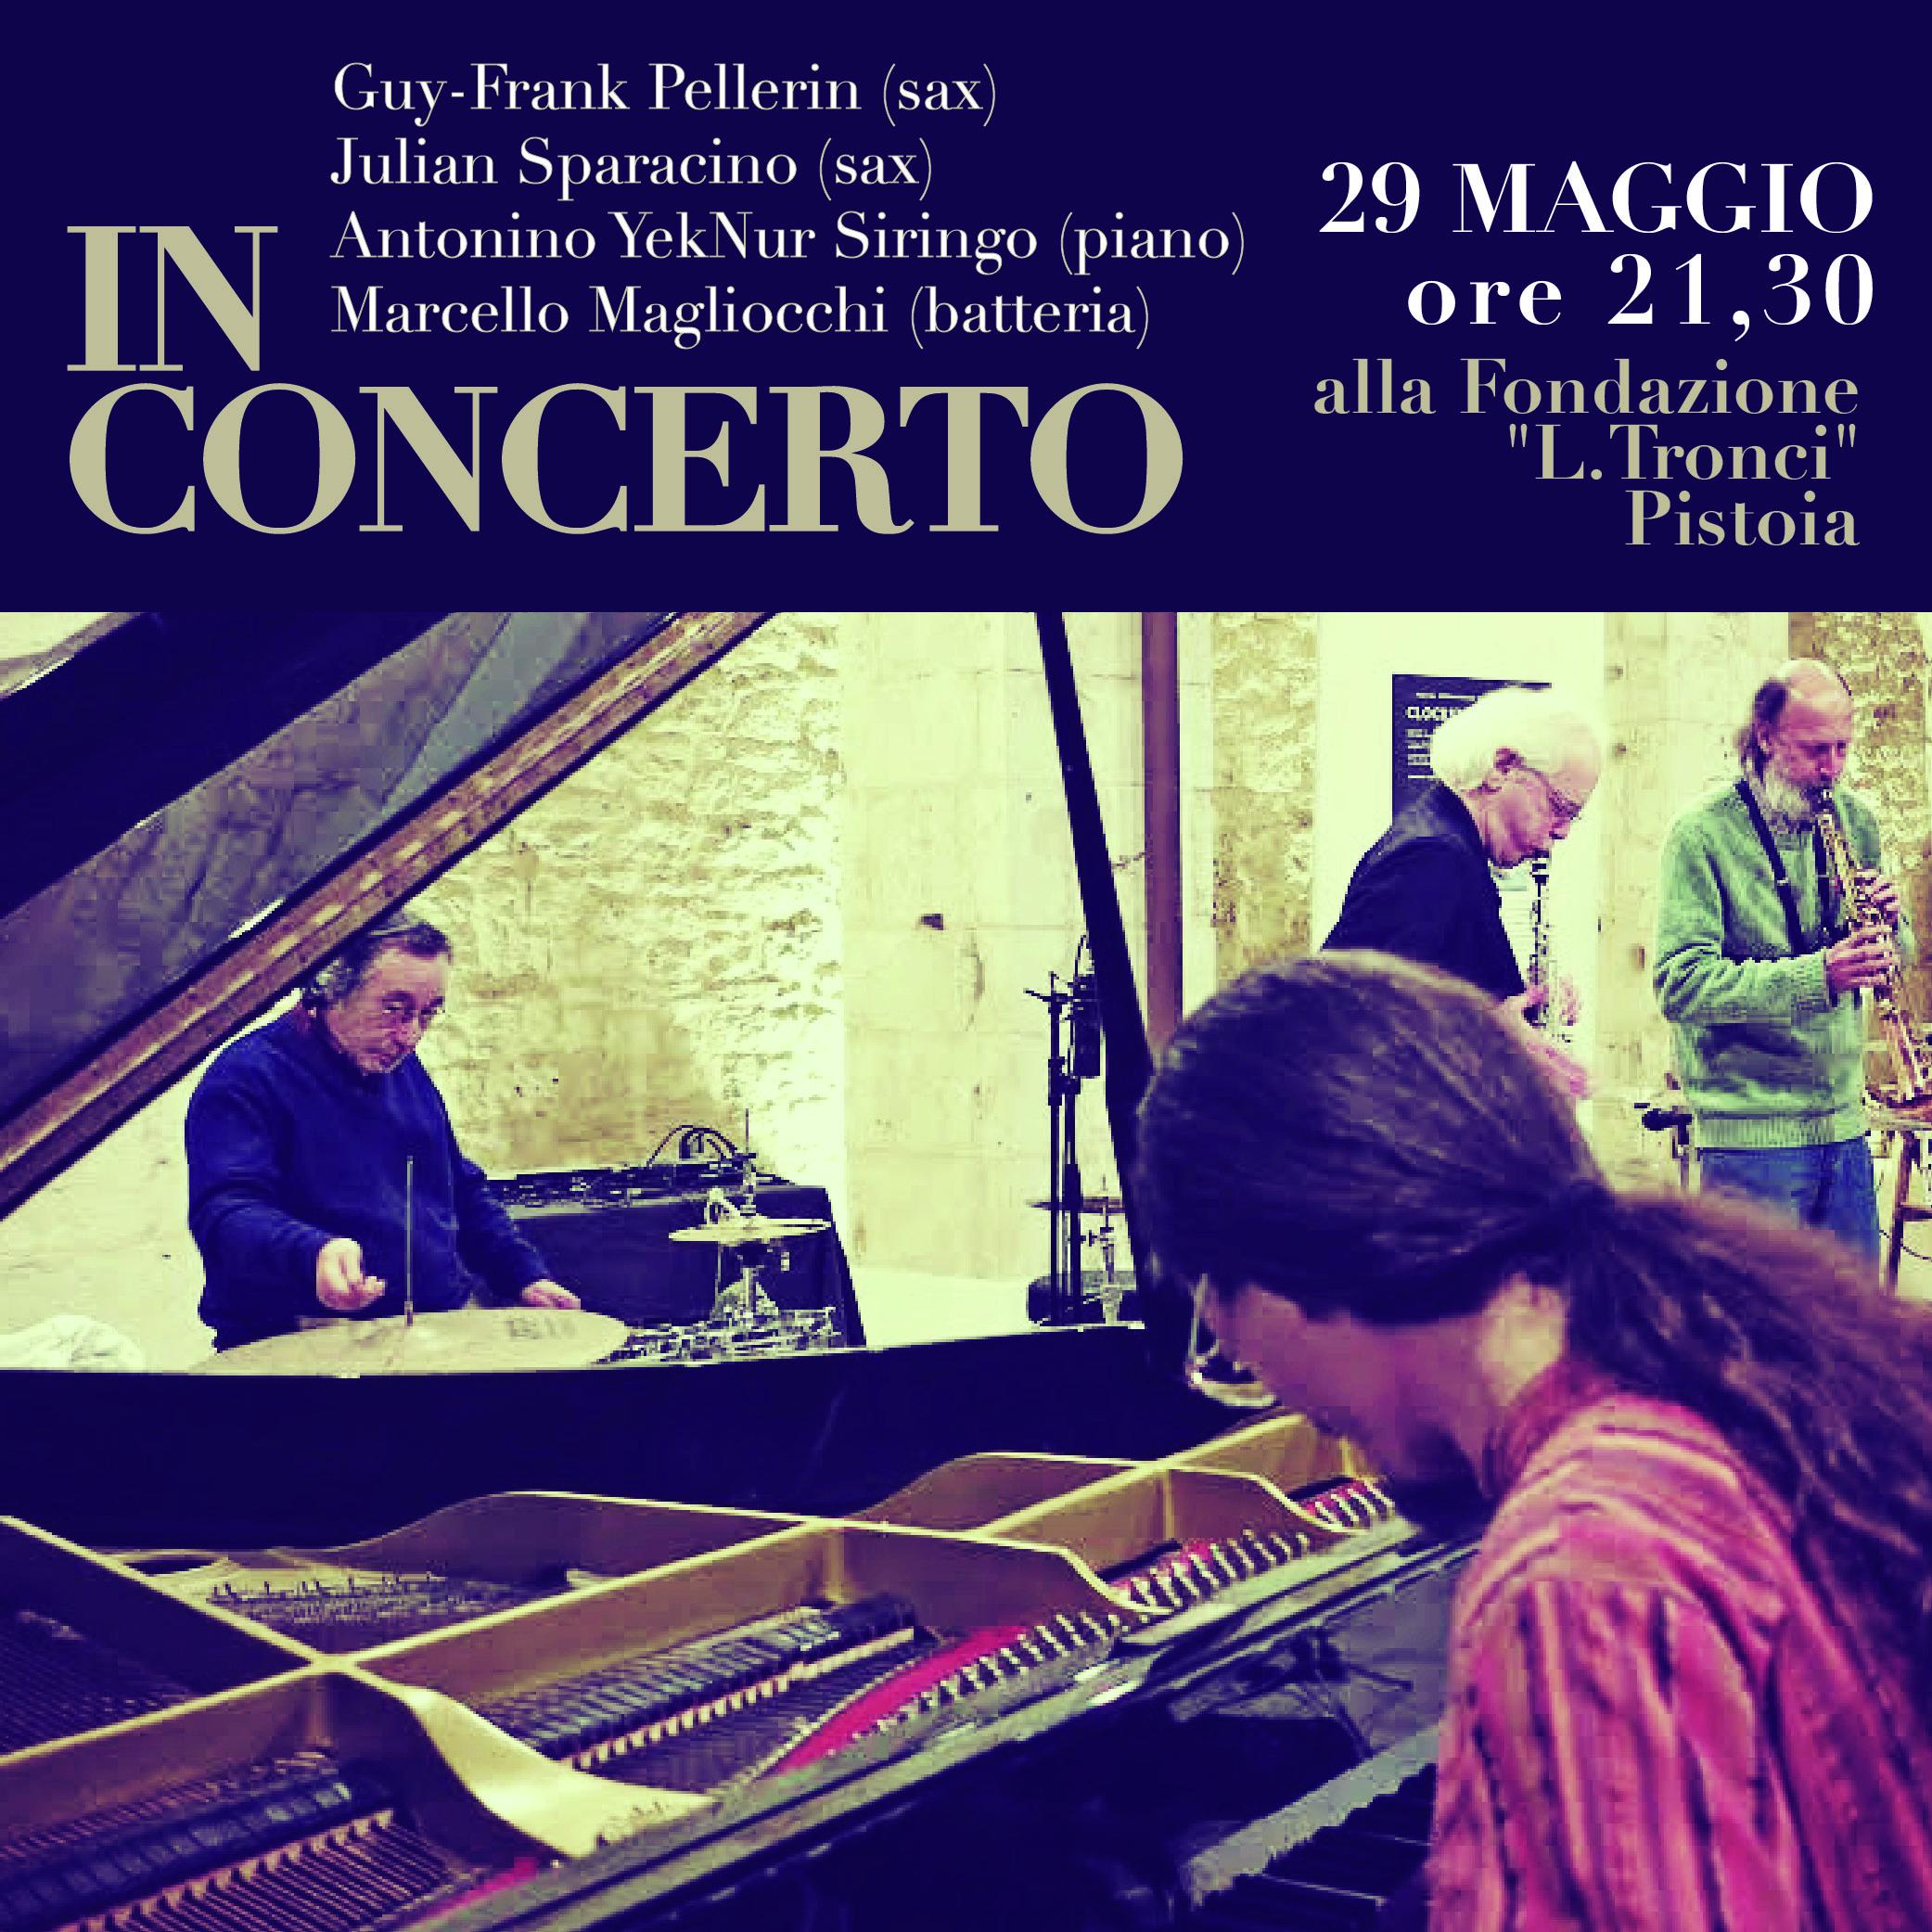 Pellerin, Sparacino, Siringo e Magliocchi in concert